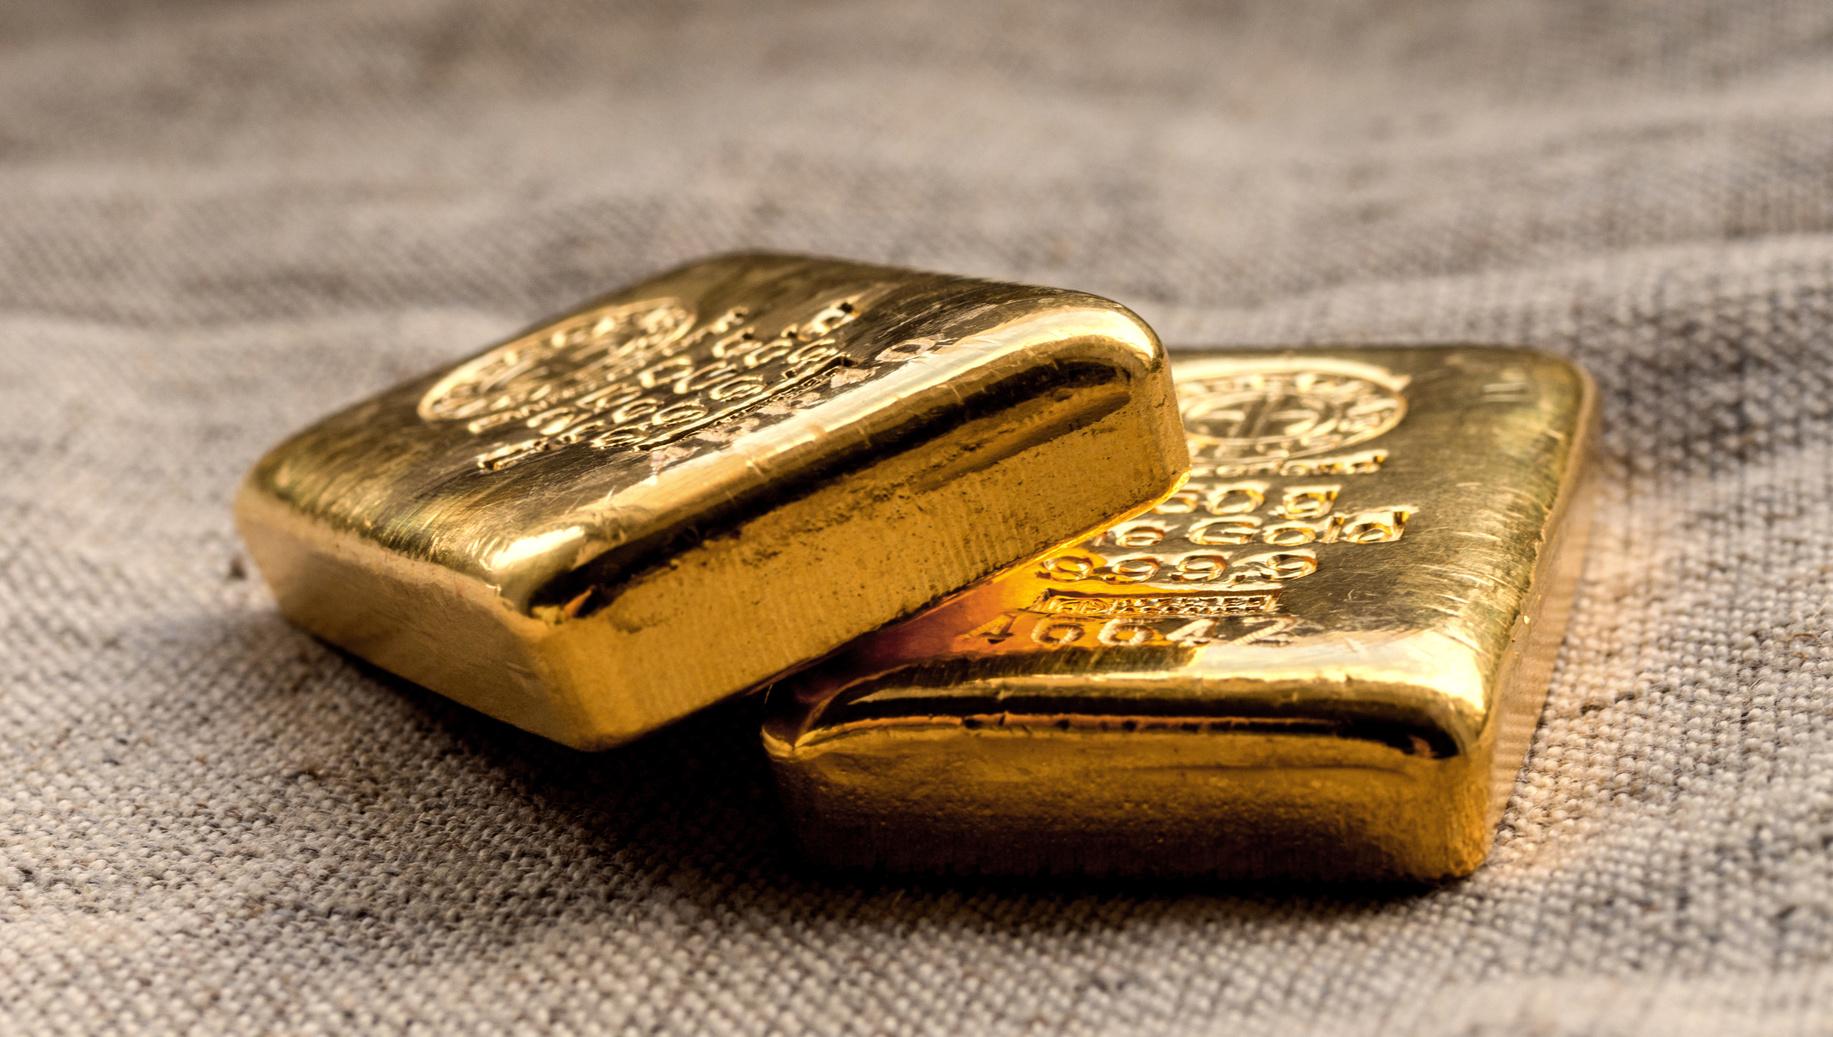 Mann mit 16 Kilo Gold am Flughafen erwischt